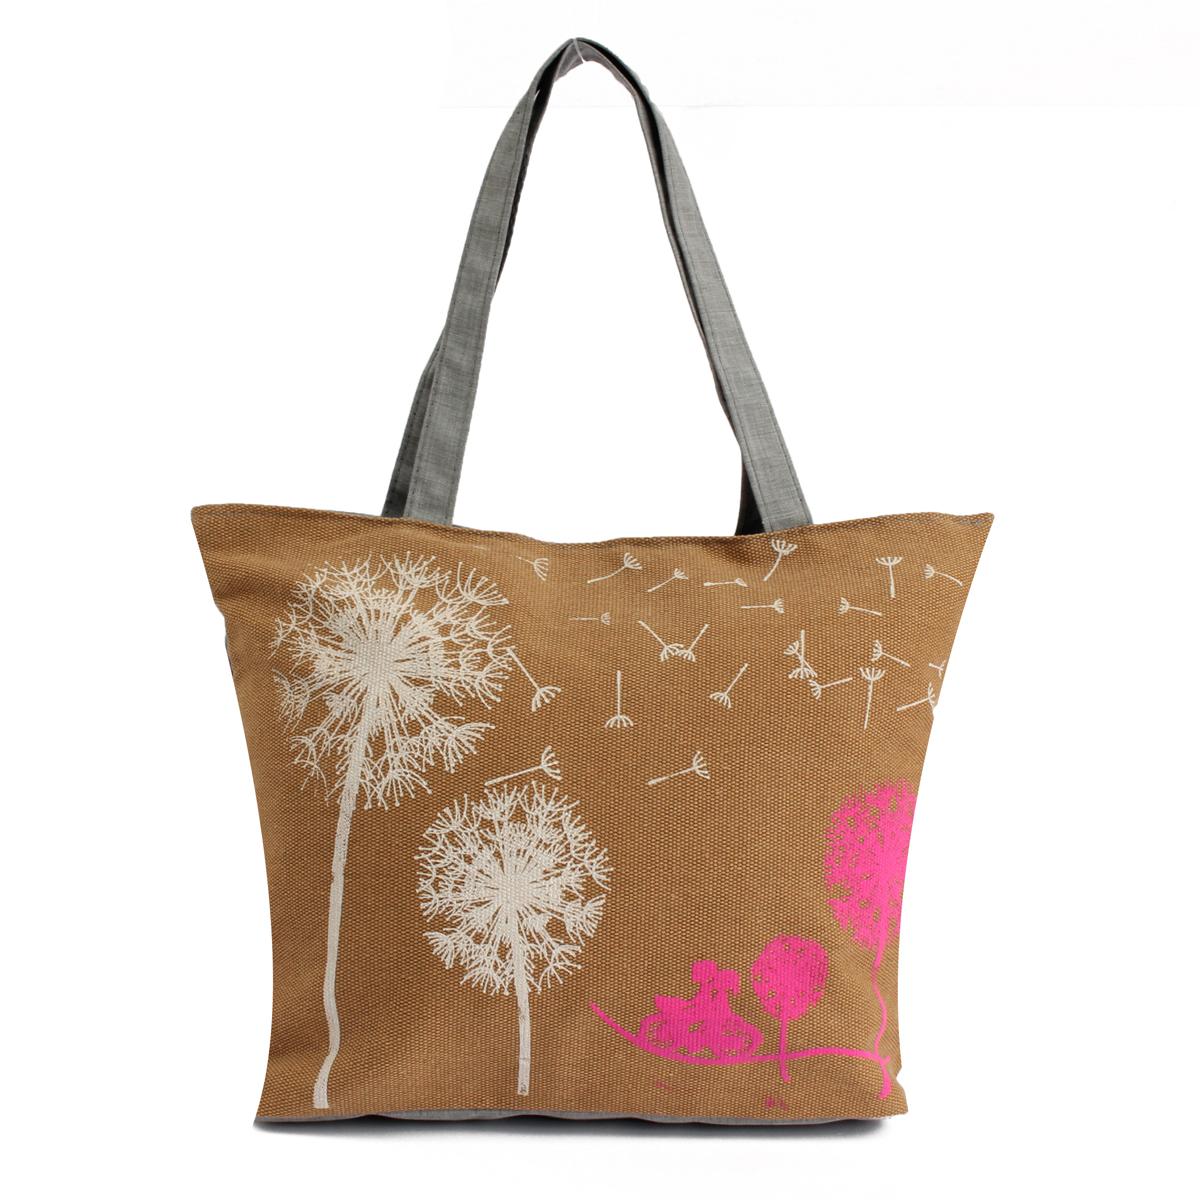 New Women Canvas Dandelion Handbag Shoulder Bag Satchel Shopper Messenger Tote